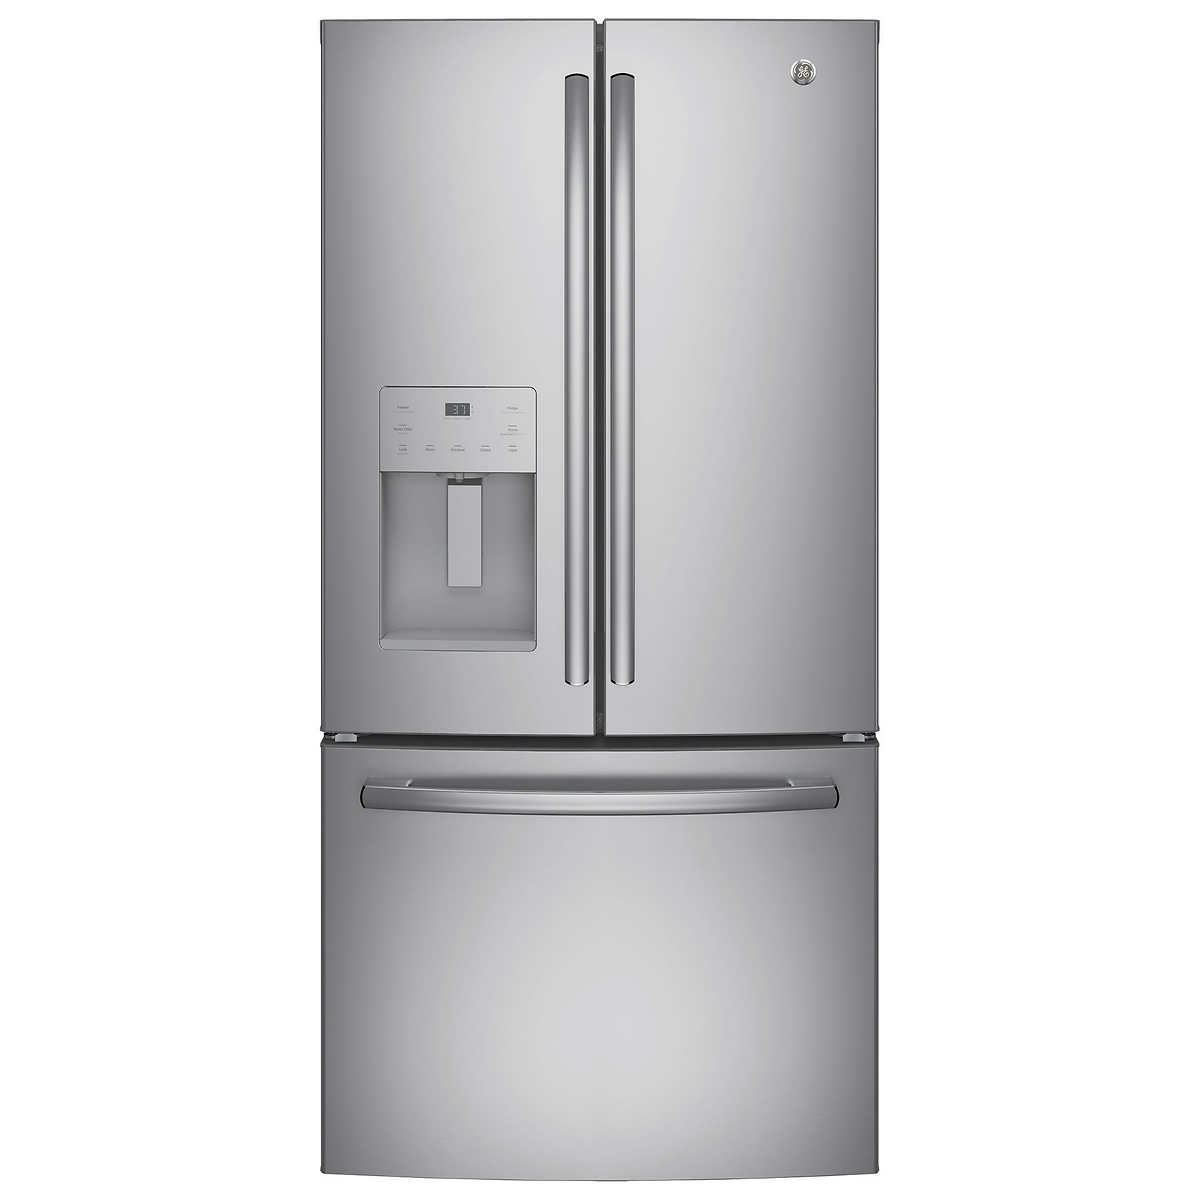 Ge 238cuft 33 wide 3 door french door refrigerator 33 wide 3 door french door refrigerator click to zoom rubansaba